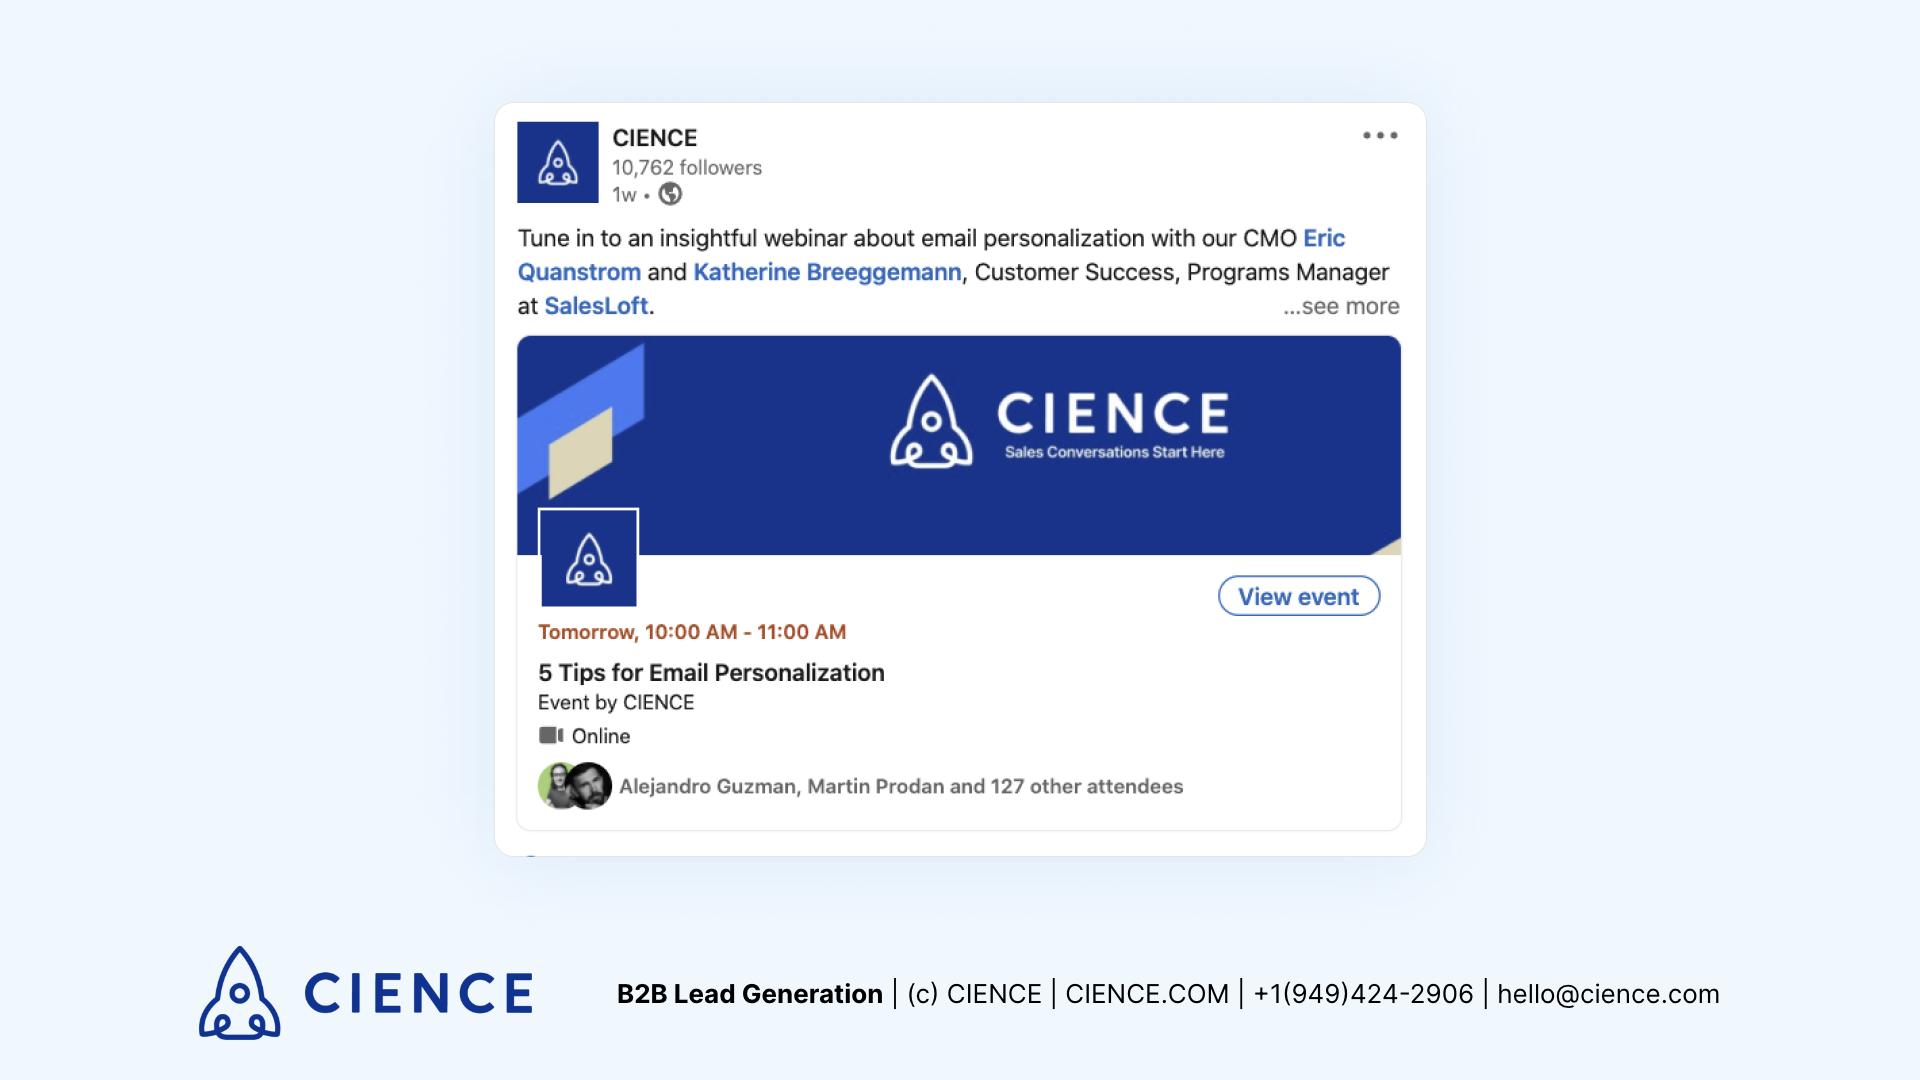 linkedin_for_b2b_lead_gen_6